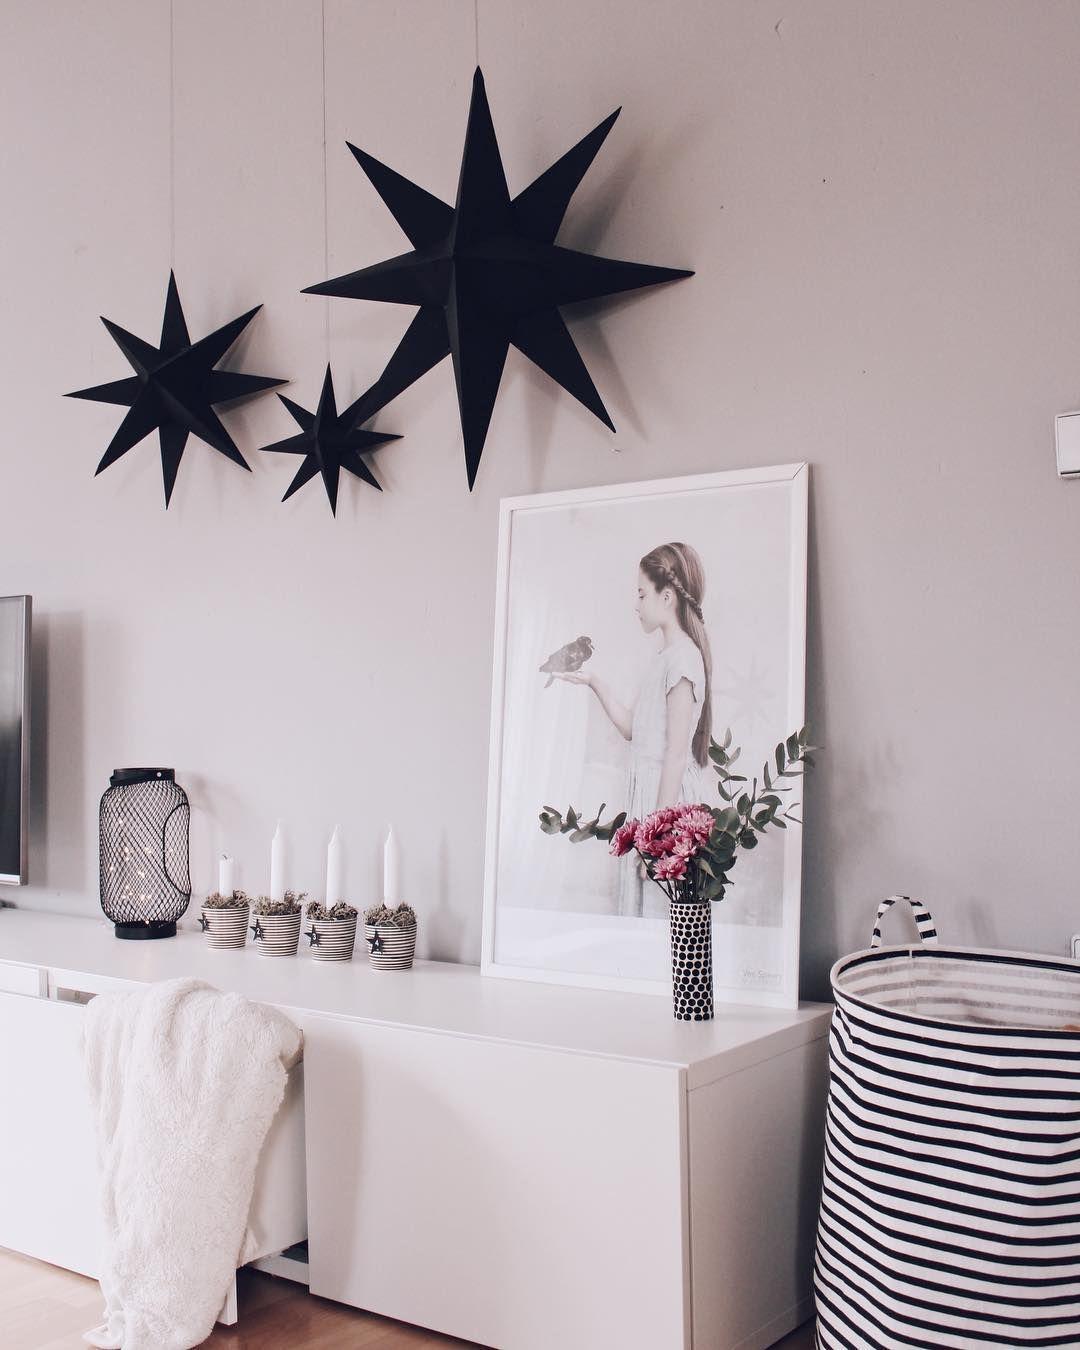 diy weihnachtsdeko sterne aus papier selber machen | instagram images